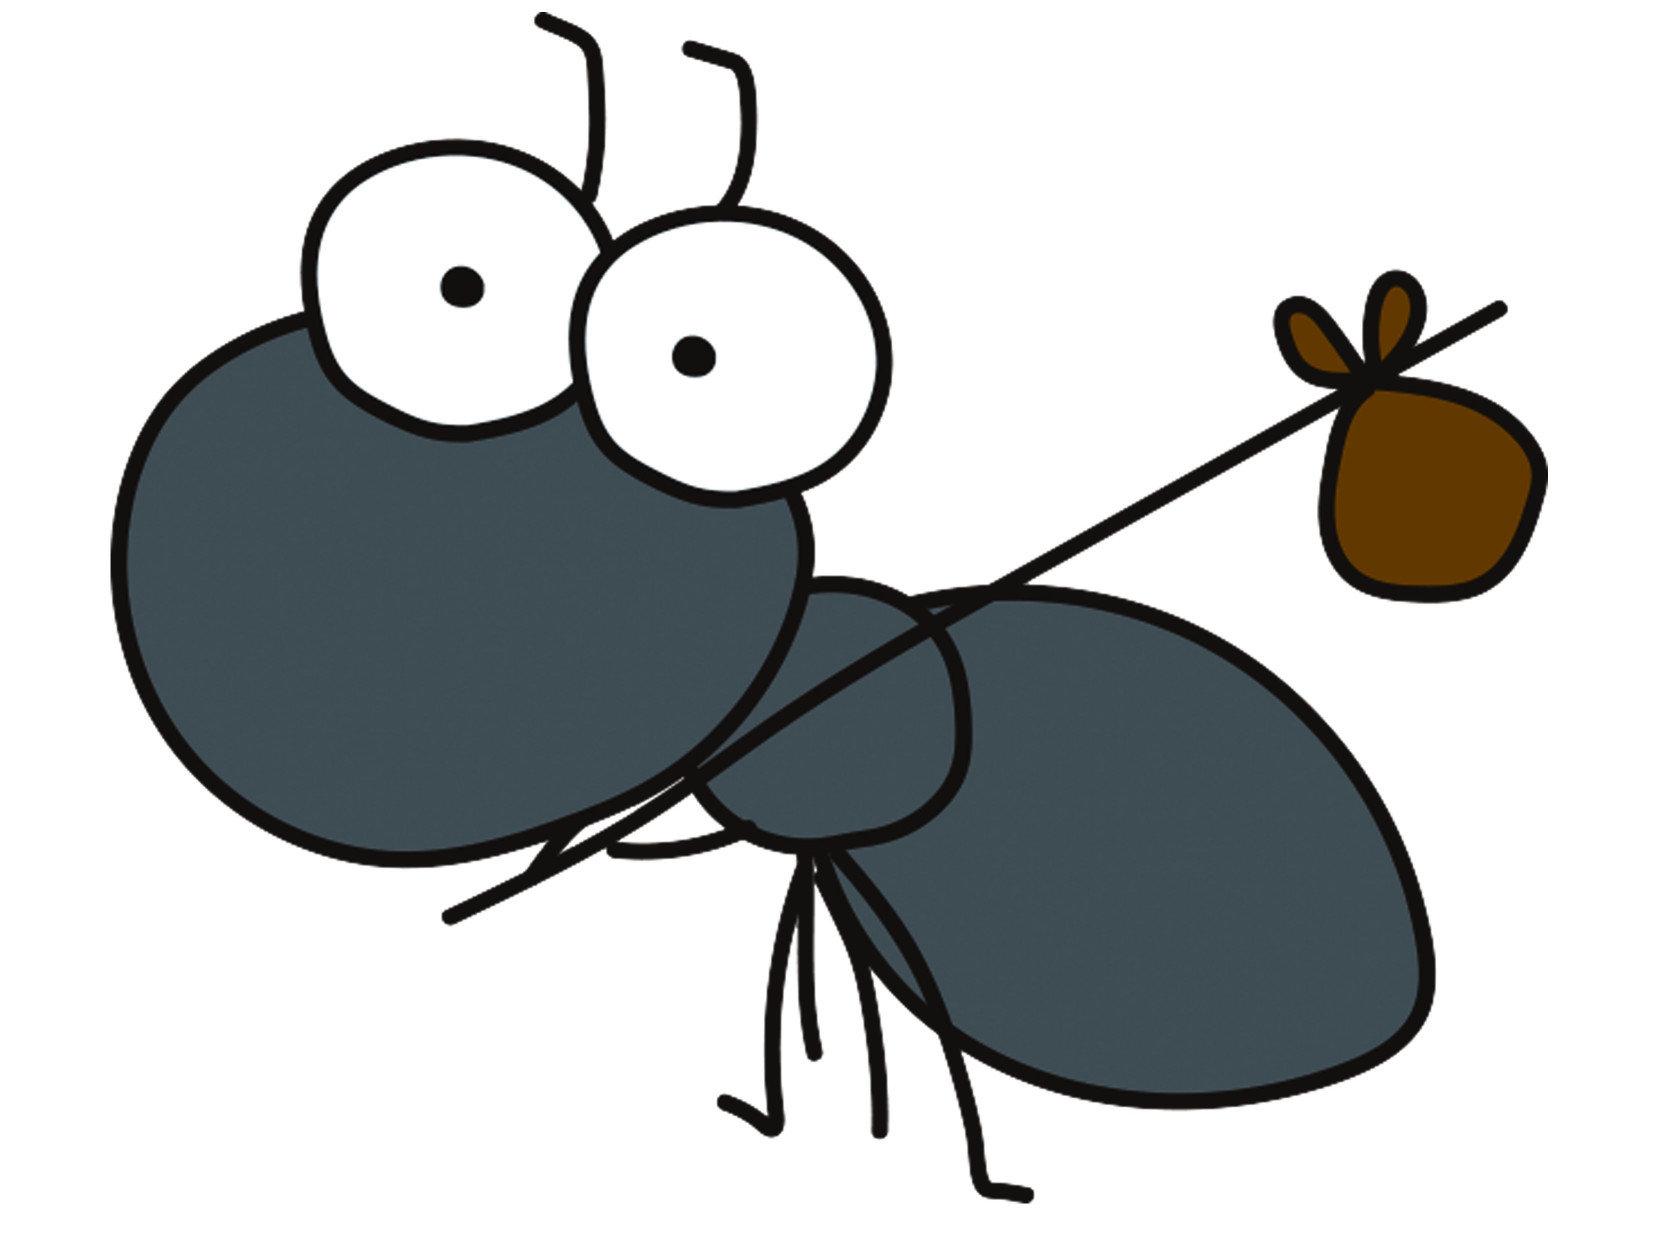 「疣胸琉璃蟻」這個名字是牠的正式名稱,與「雙疣琉璃蟻」是同個物種,牠們更通俗常見的名字,叫做「黑蟻」。而疣胸琉璃這個名字源自於牠明顯凹凸不平的背部,呈現疣狀的樣貌而因此得名。廣泛的分布在整個亞洲的溫暖、潮濕的區域,包括南亞、東南亞、台灣與中國華南地區。